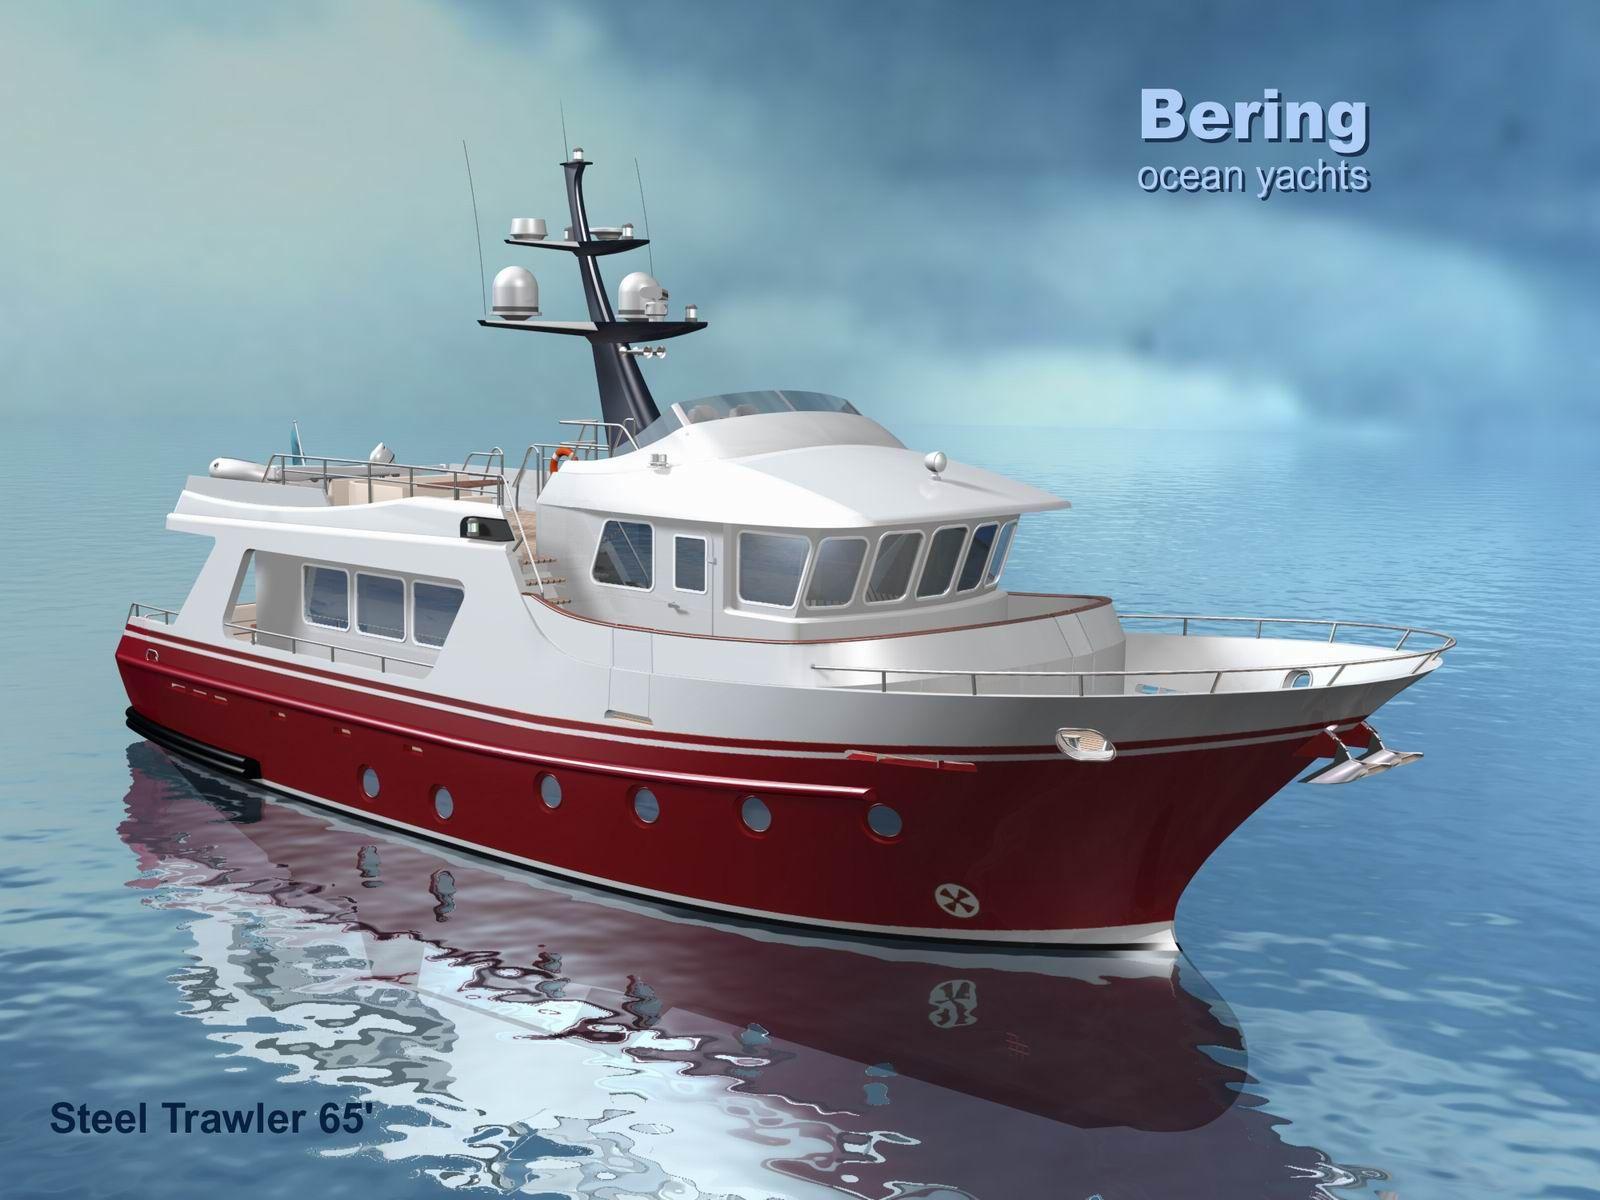 Bering 65 39 passagemakers pinterest boating for Garden design trawler boat